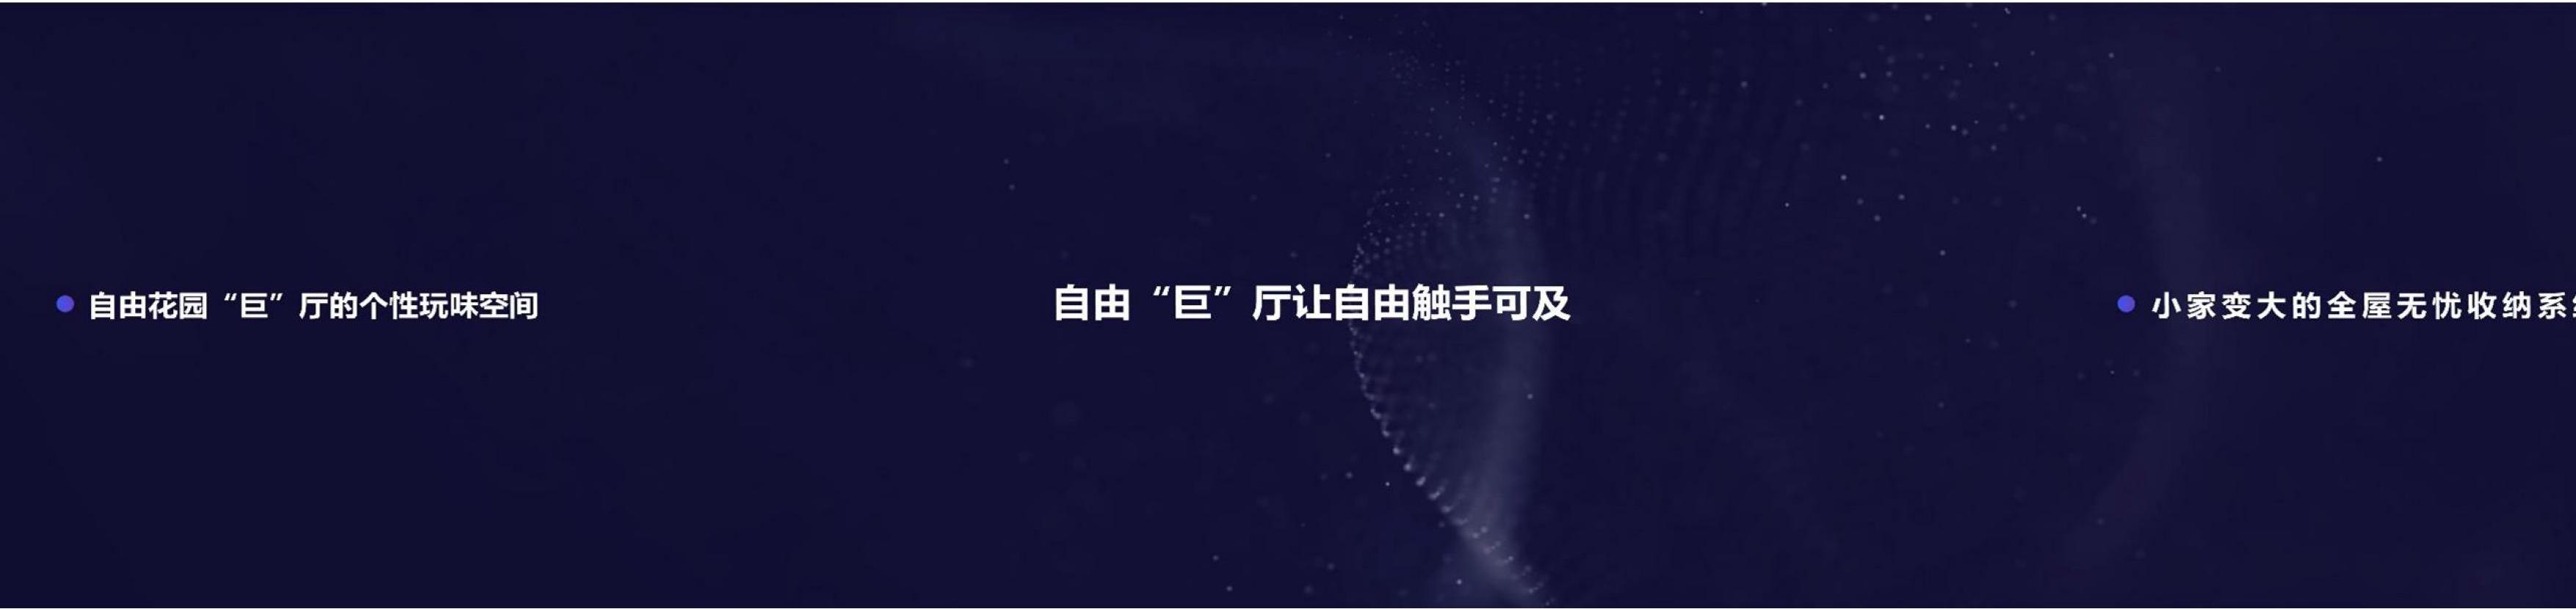 长春旭辉理想城R5_37.jpg